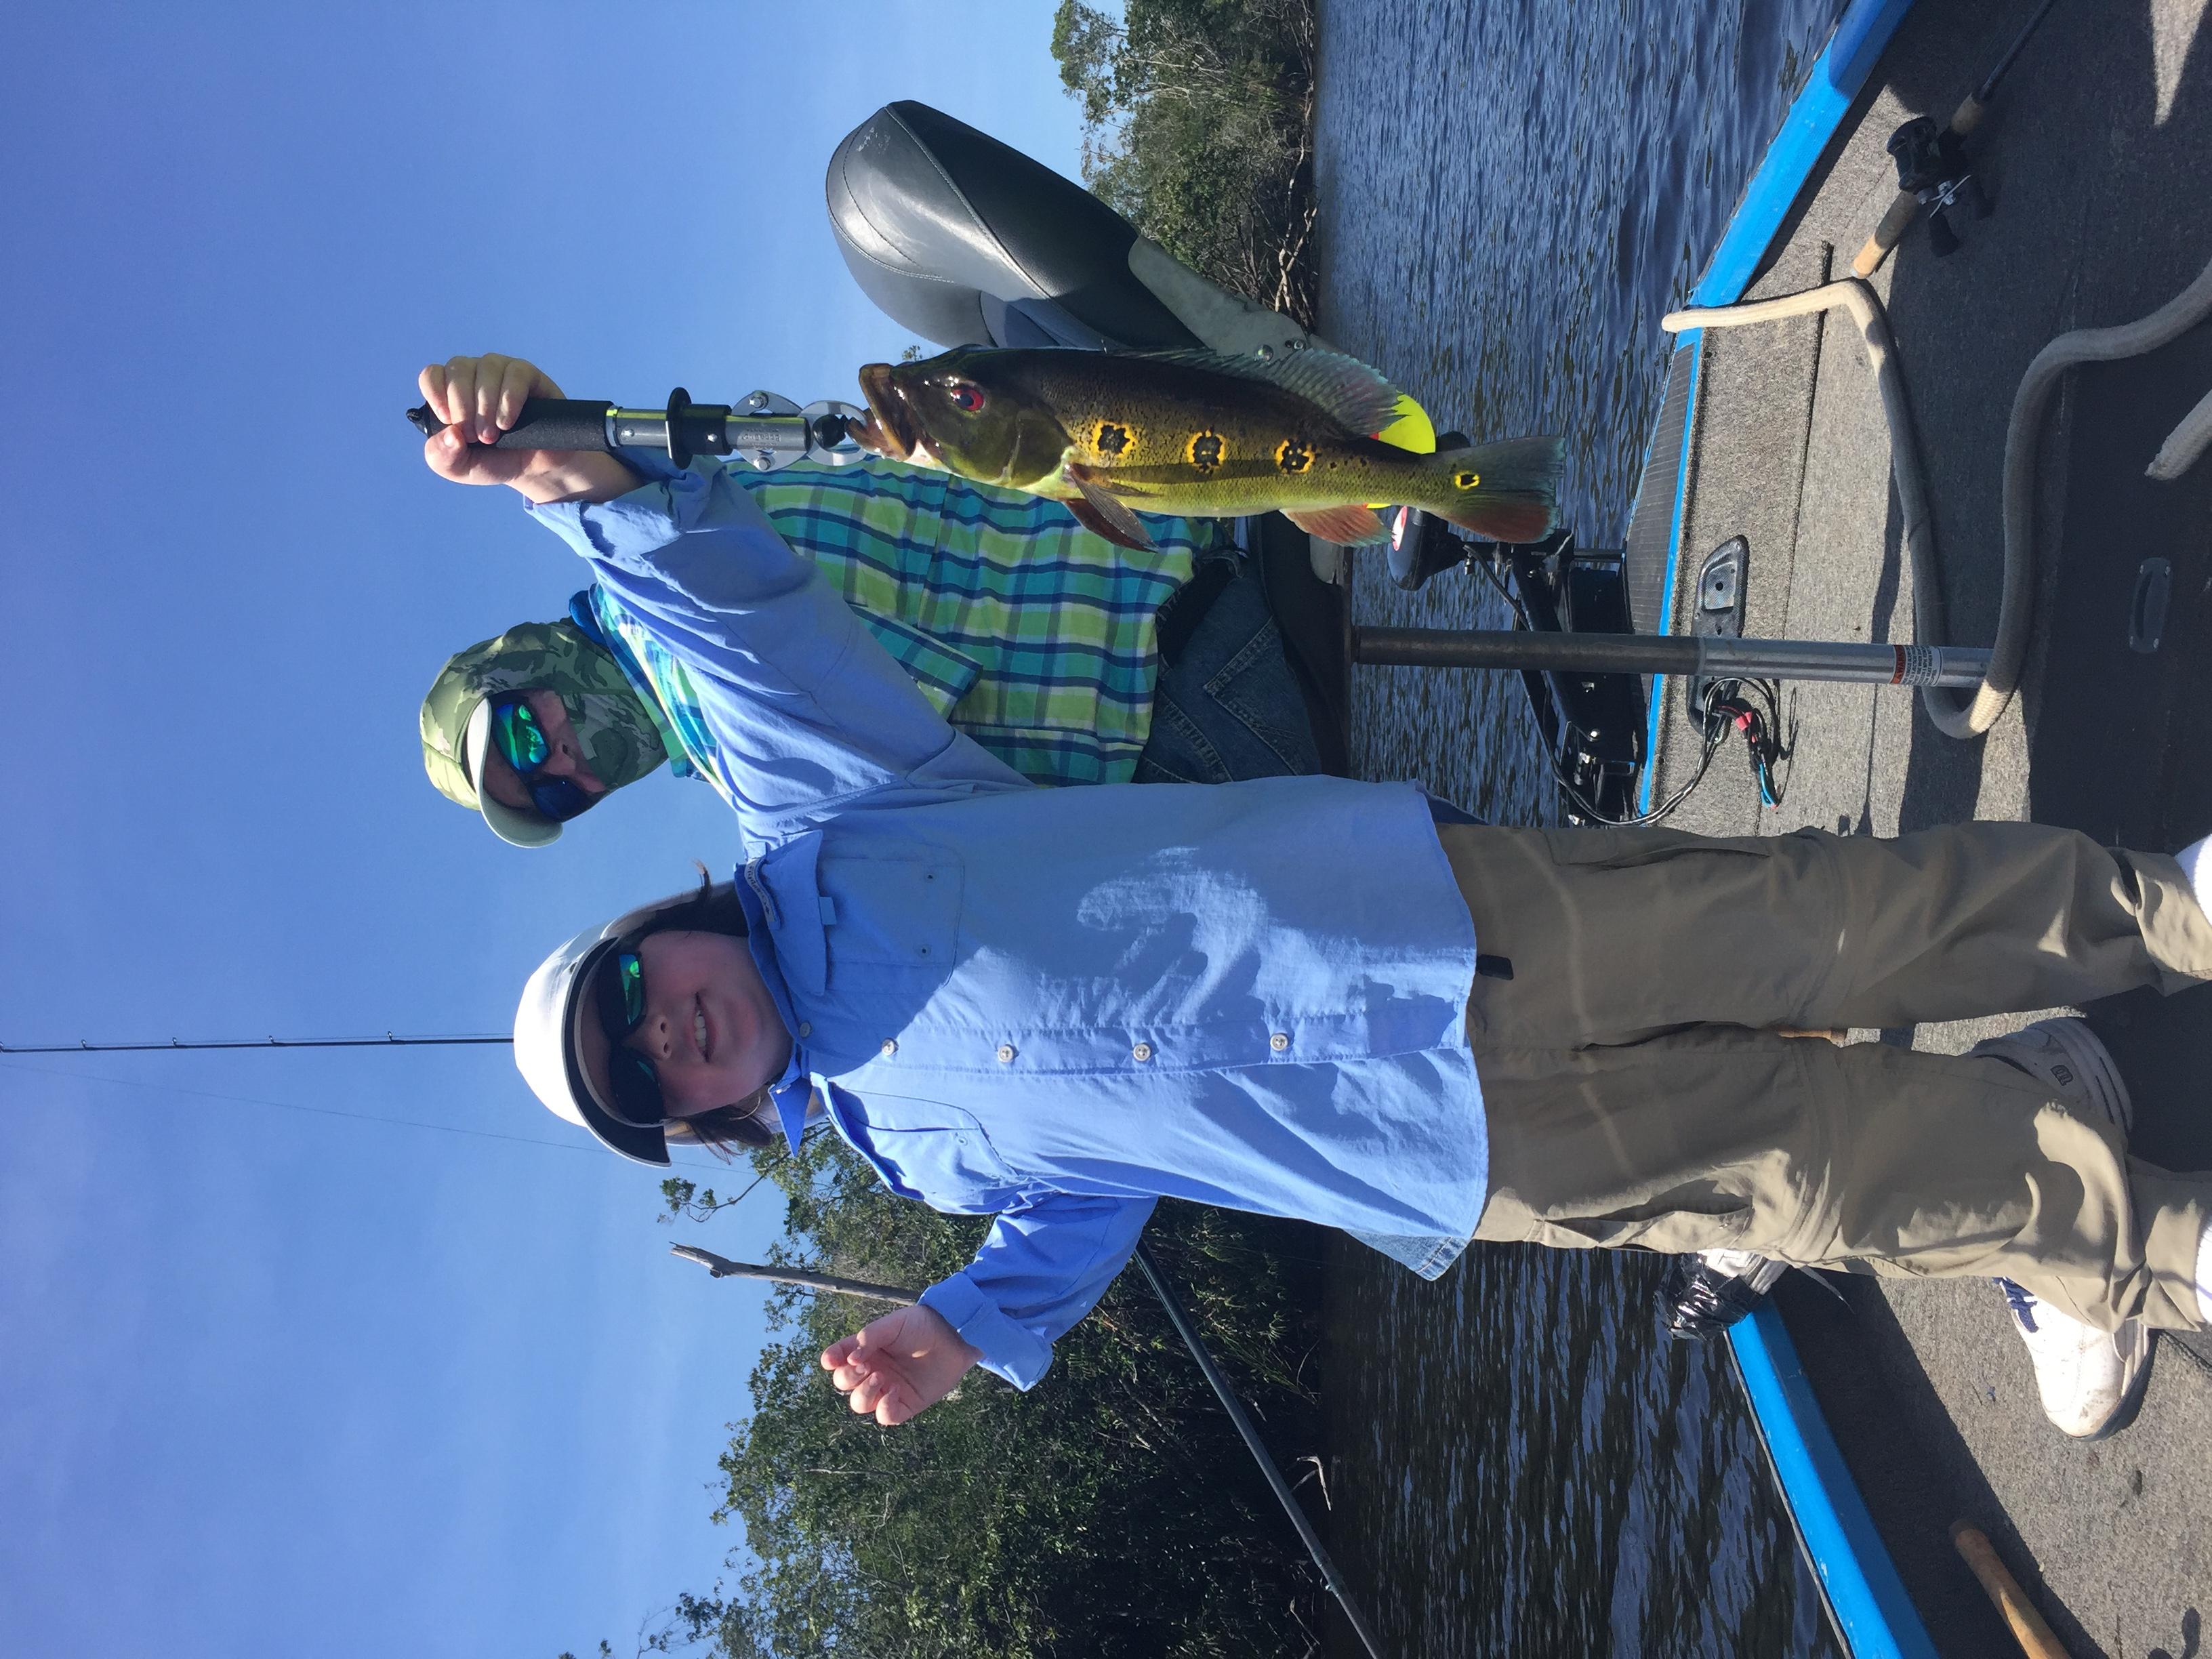 Peacock Bass Fishing Nov 13, 2015